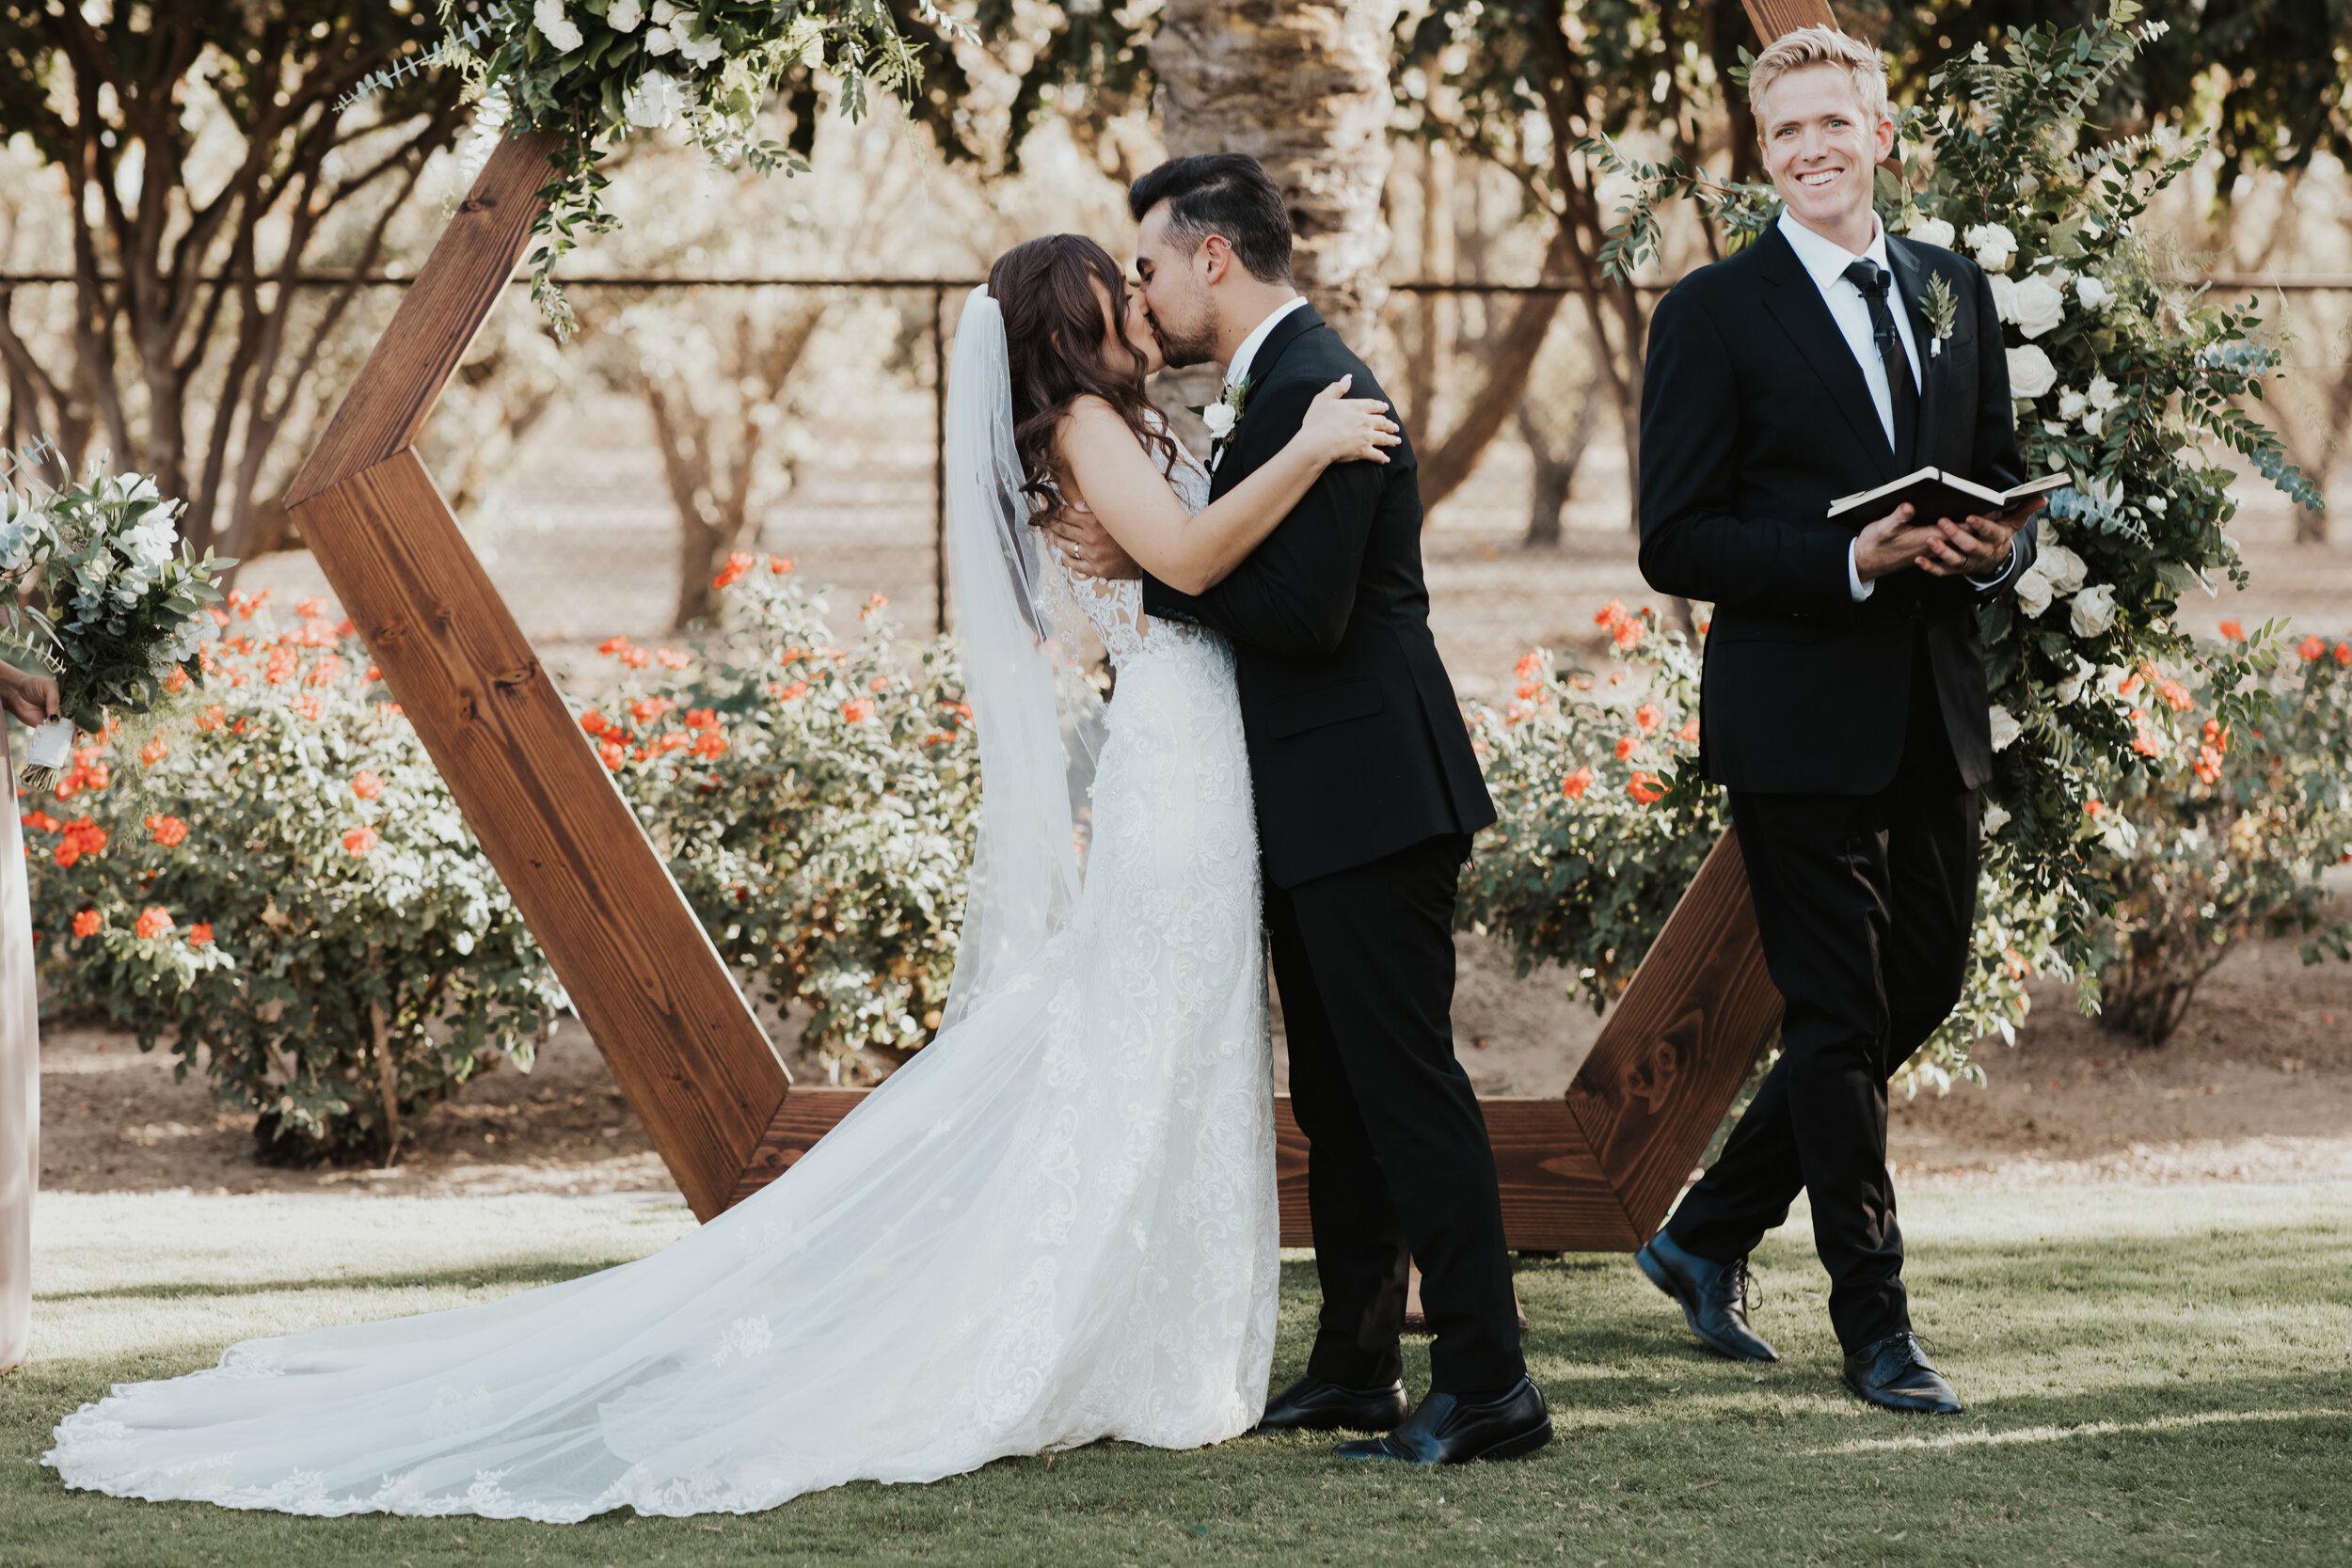 Emilee-Michael-Wedding-Tuscan-Gardens-Kingsburg-Central-Valley-California-SNEAK-PEEK-43.jpg